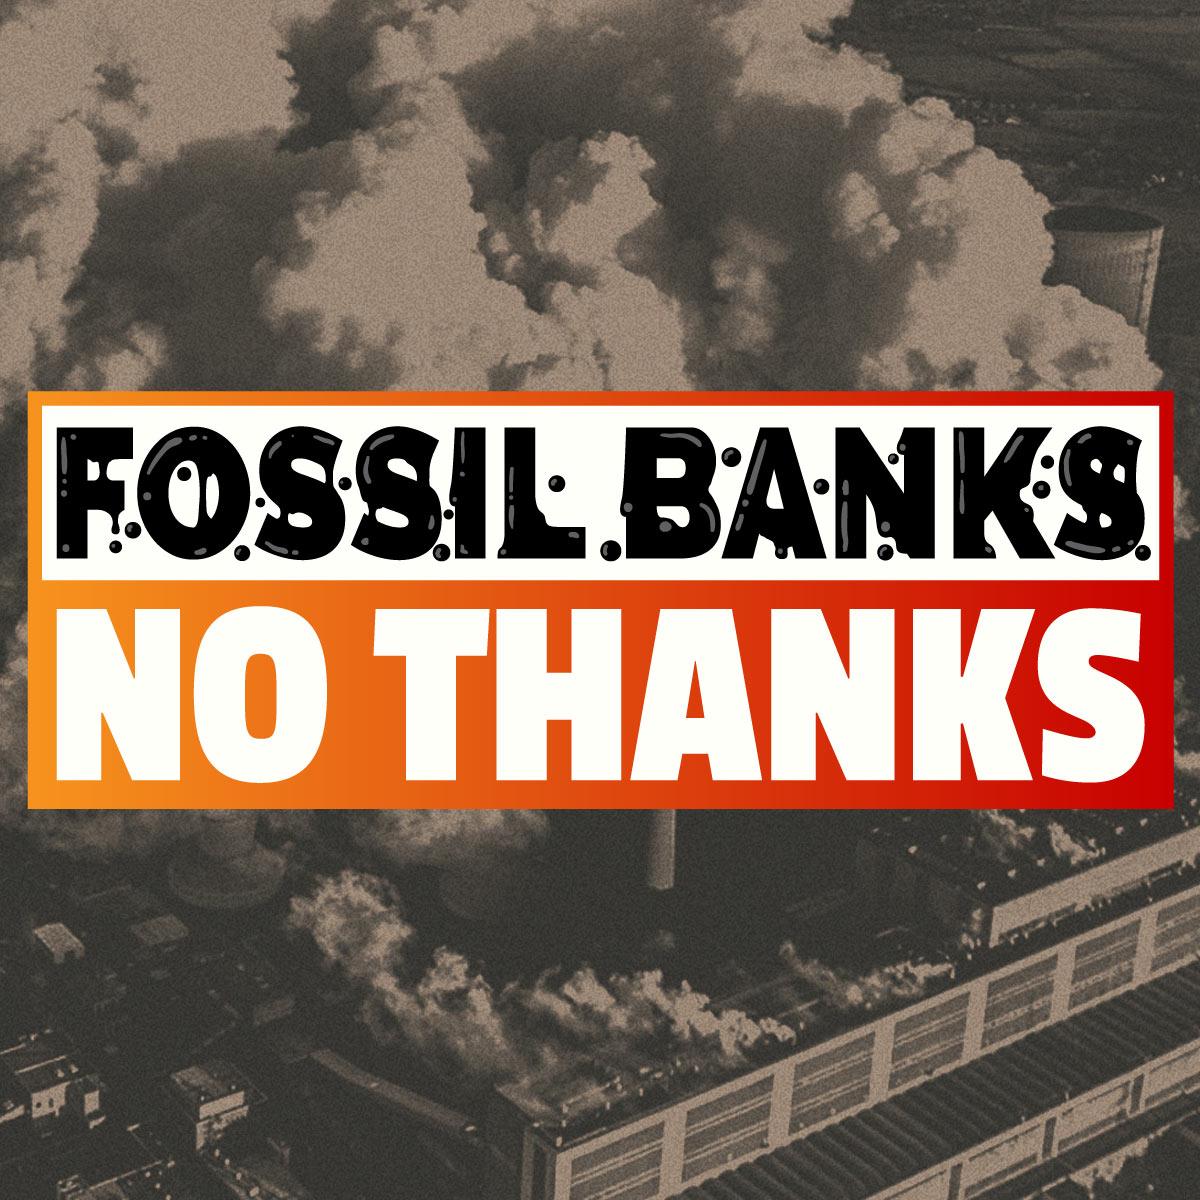 852db48ec49c Fossil Banks No Thanks!